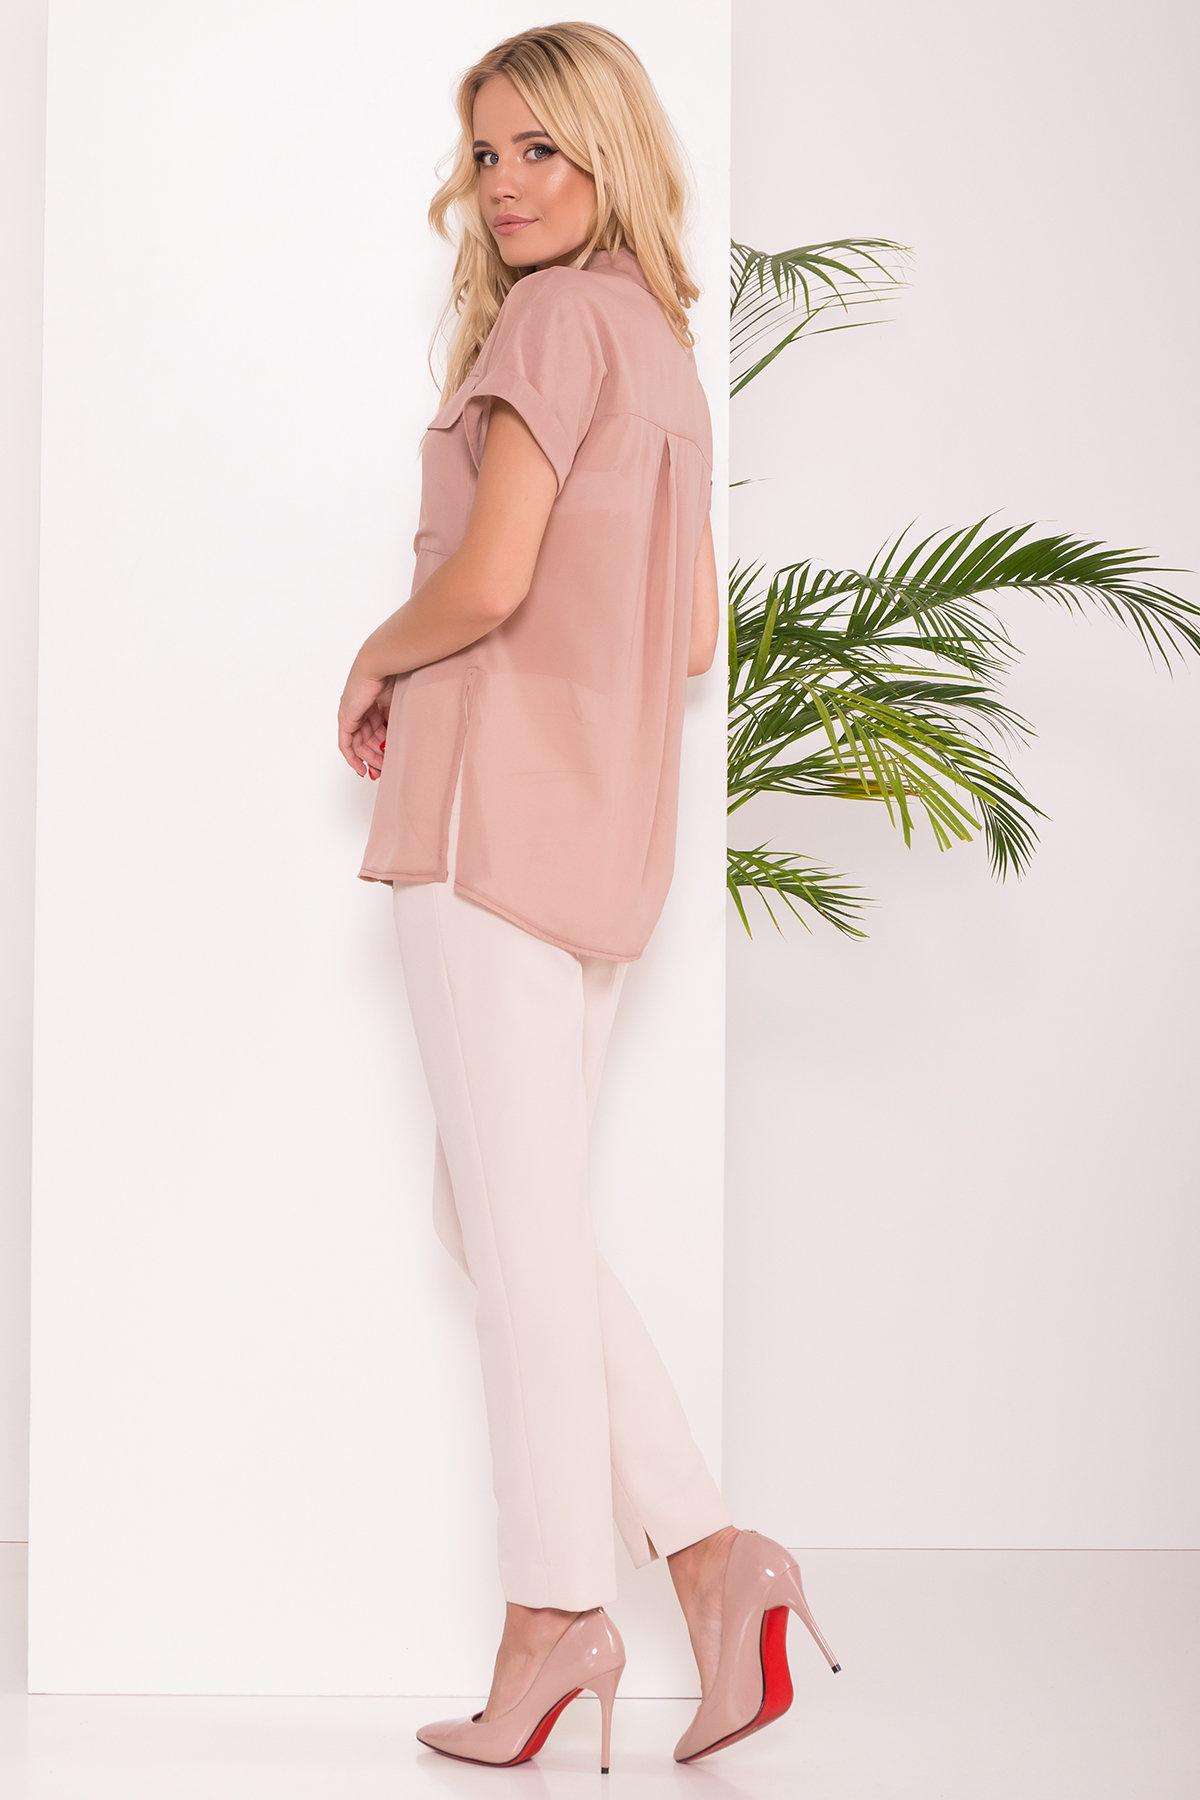 Шифоновая Рубашка Айра 7456 АРТ. 43420 Цвет: Бежевый - фото 2, интернет магазин tm-modus.ru